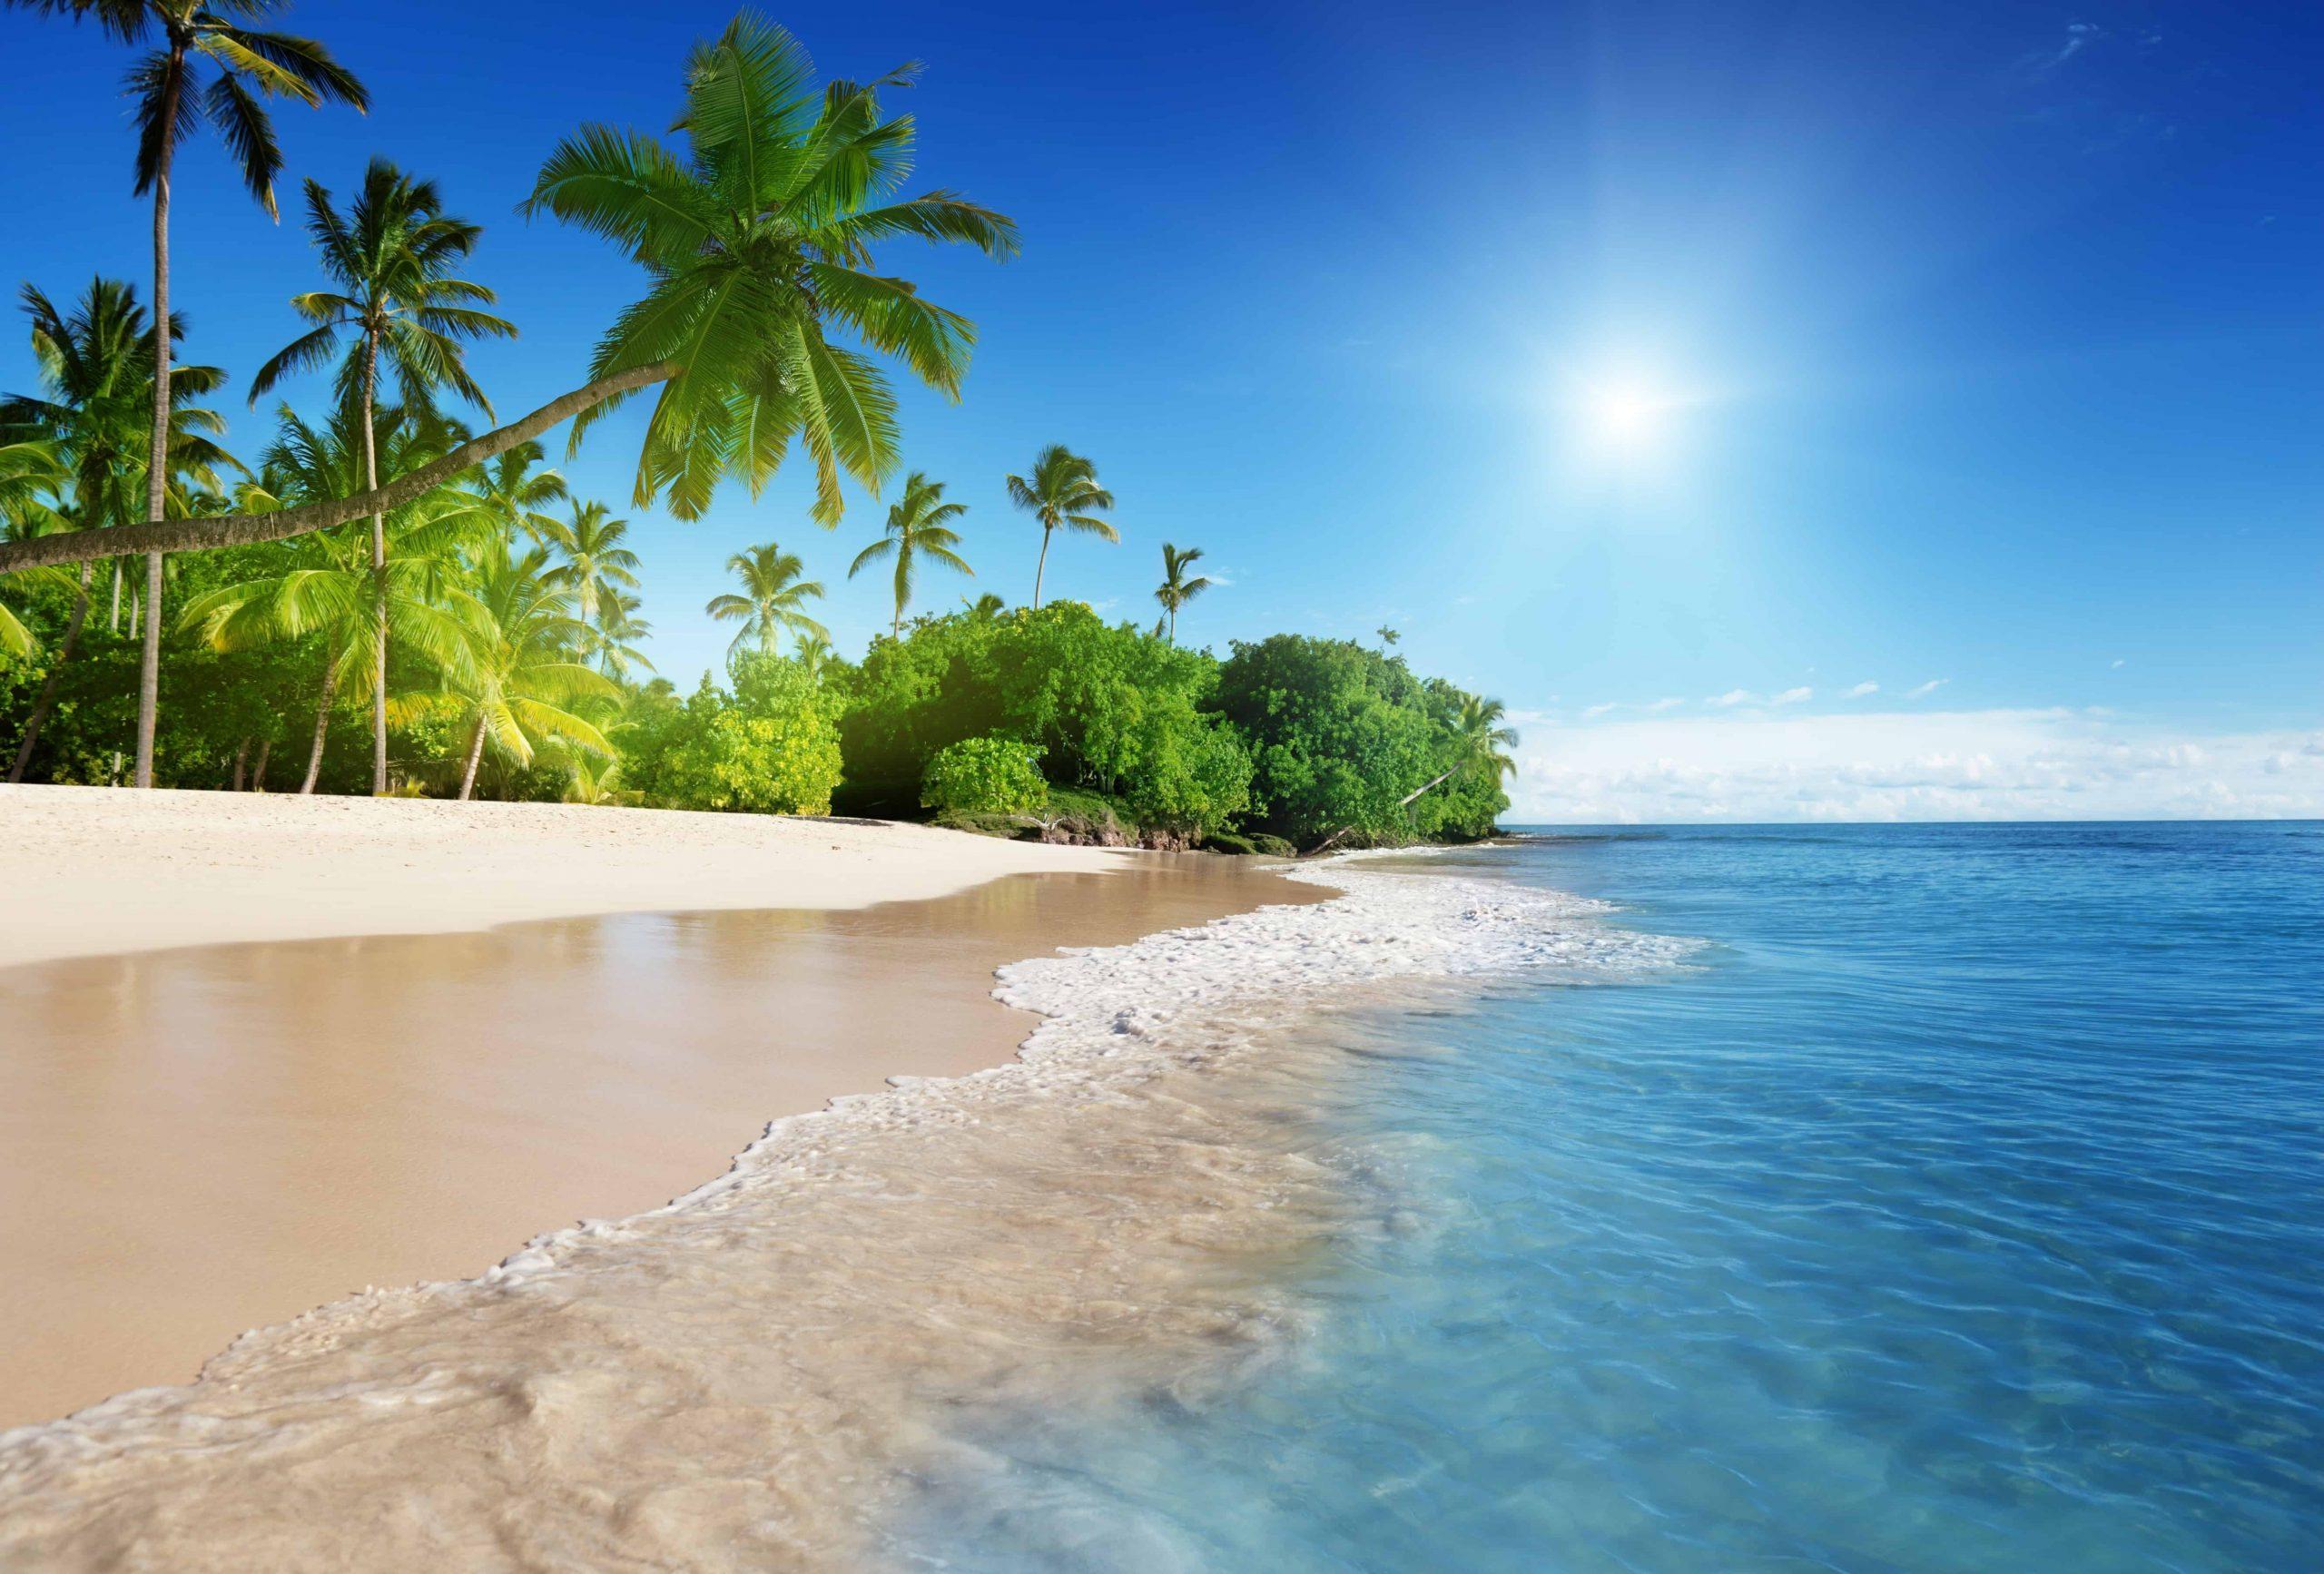 Rundreise Karibik: Empfehlungen & Vergleich (01/21)